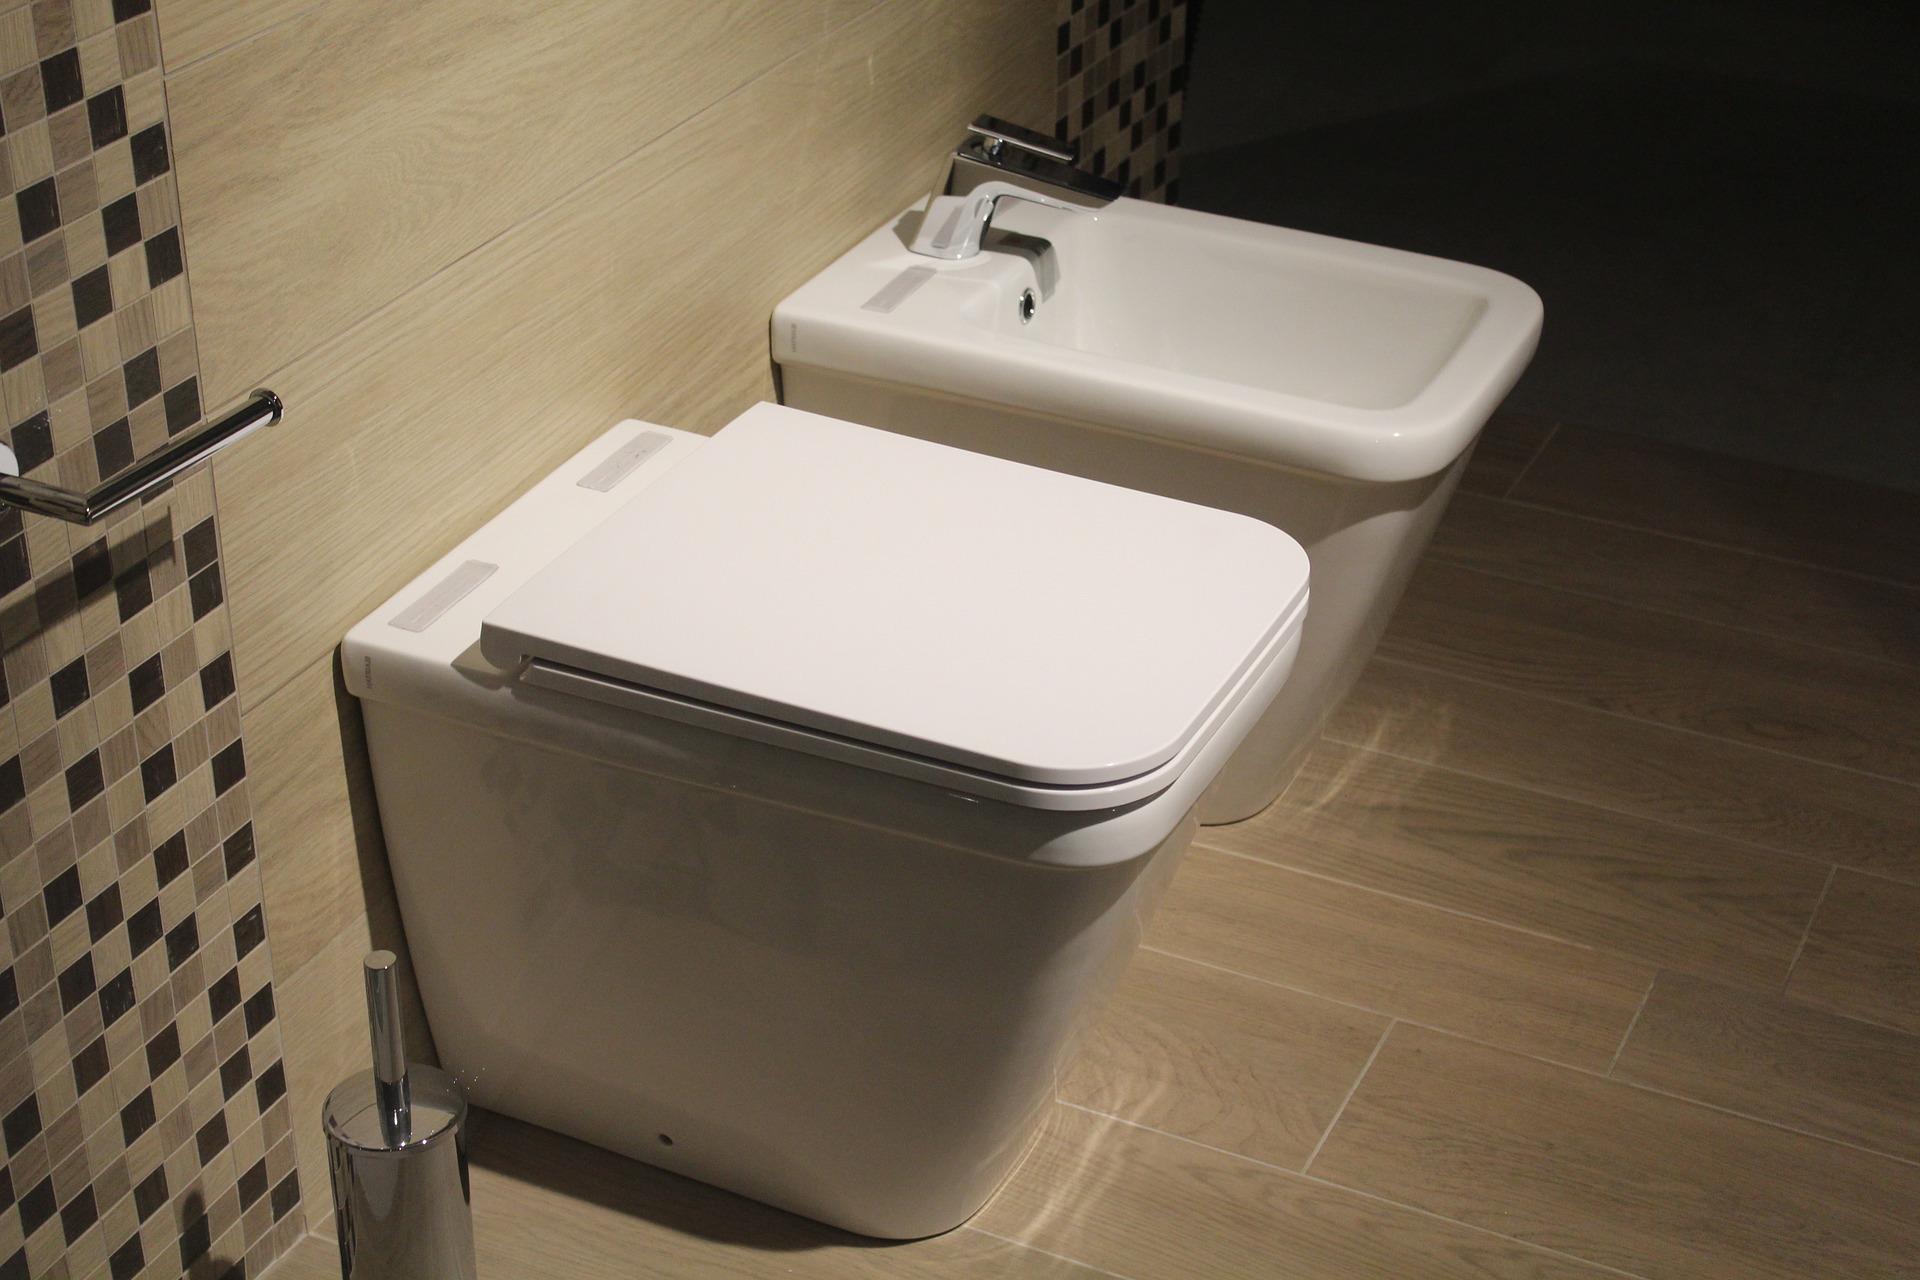 Altersgerechtes Bad - Welche Hilfsmittel lohnen sich & gibt es